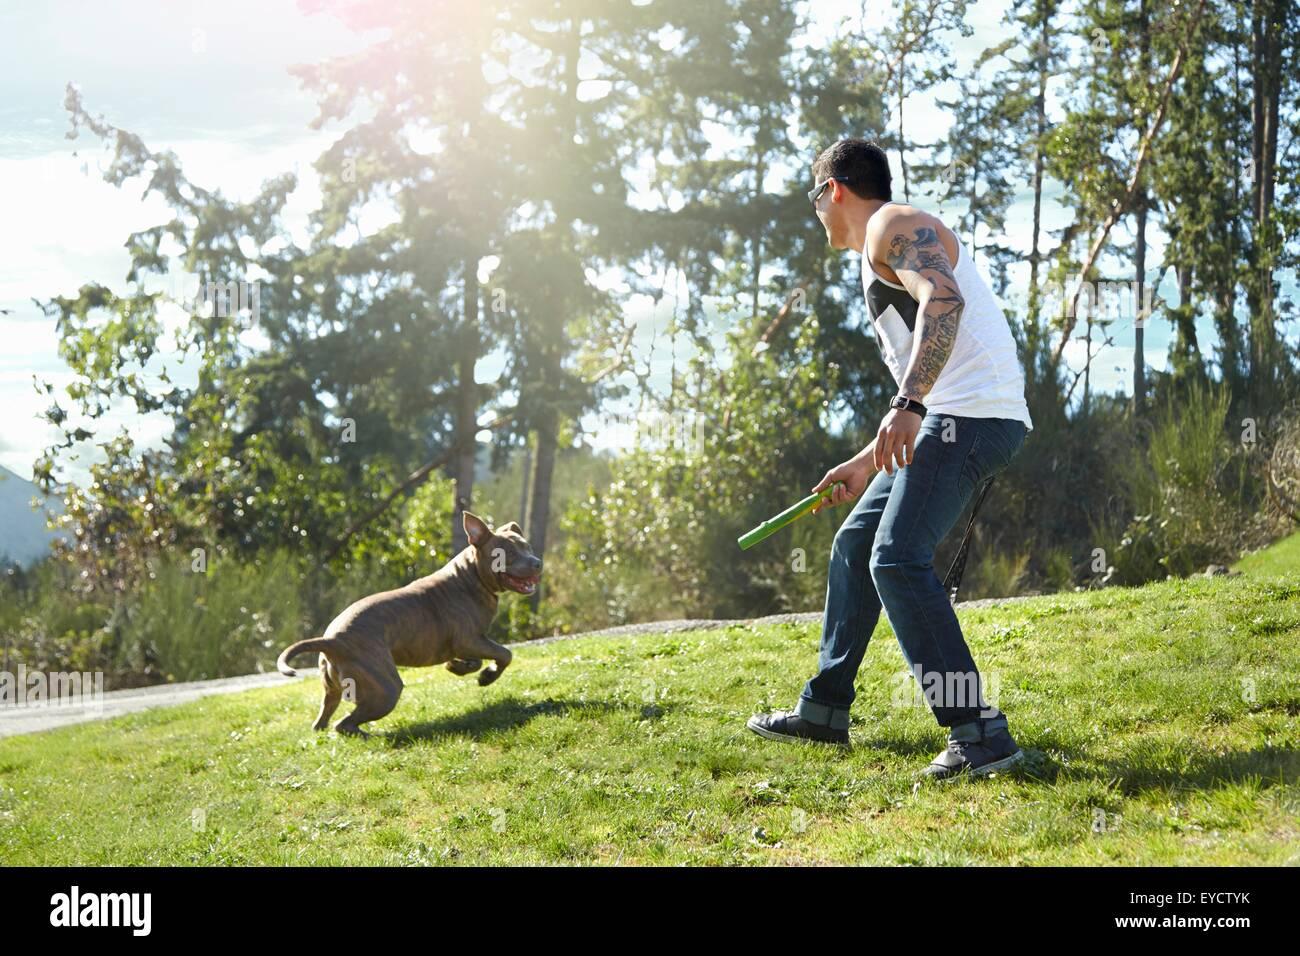 Junger Mann werfen Stick für Hund im park Stockbild